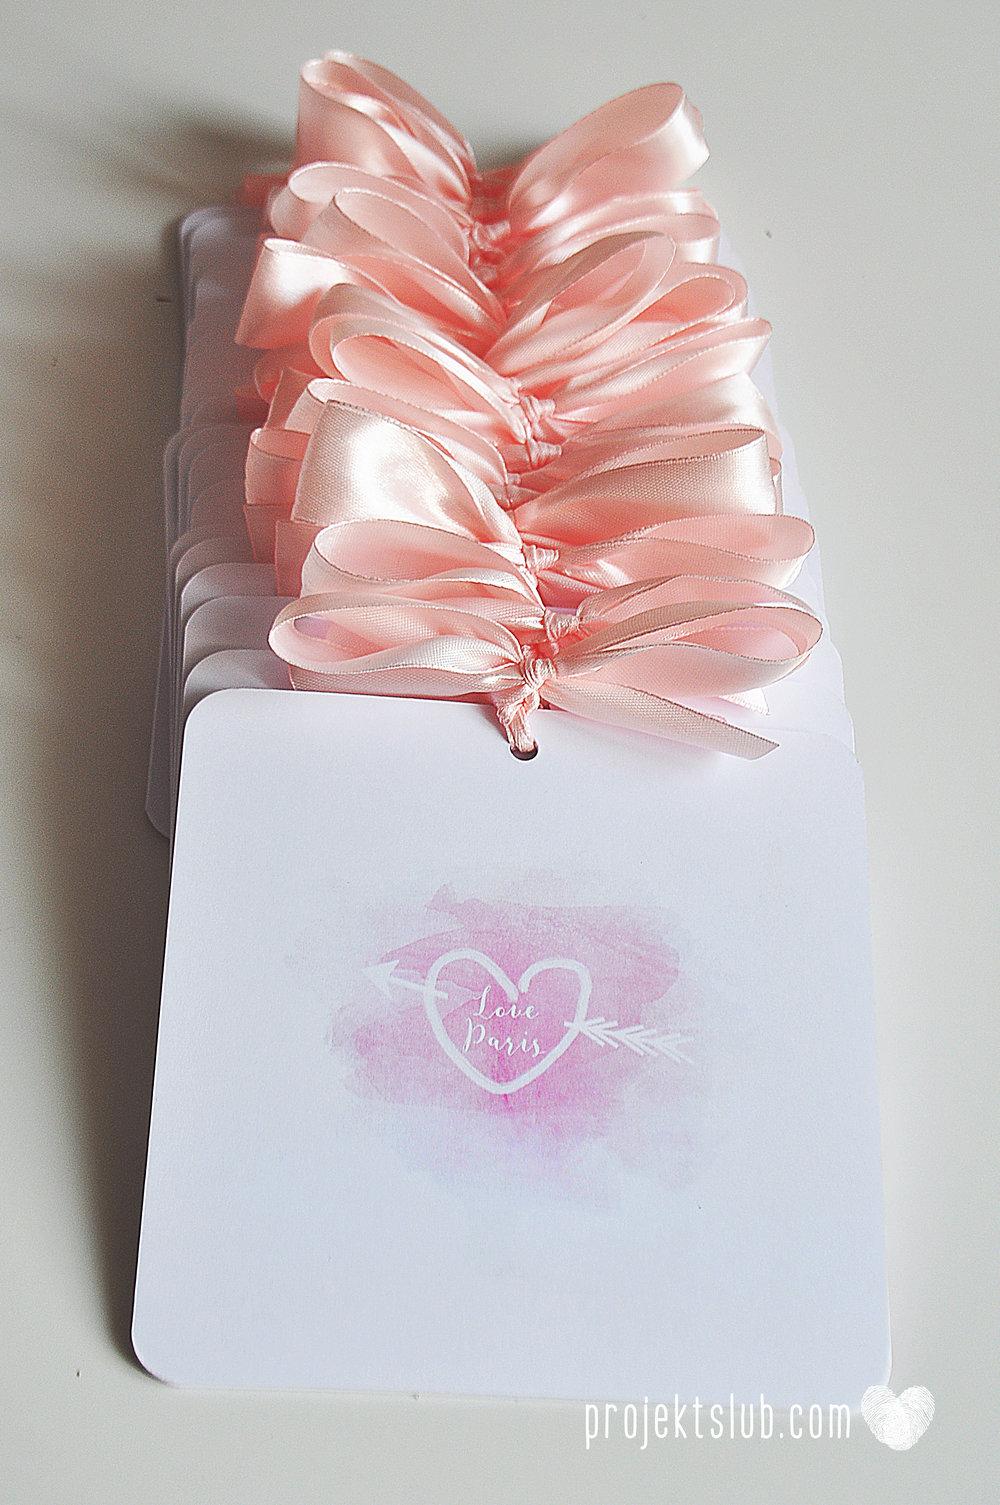 zaproszenia ślubne z kokardą eleganckie oryginalne nowoczesne rysunkowe pastelowe pudrowy róż wieża eiffel zakochani w paryżu zdjęcia  projekt ślub (12).jpg